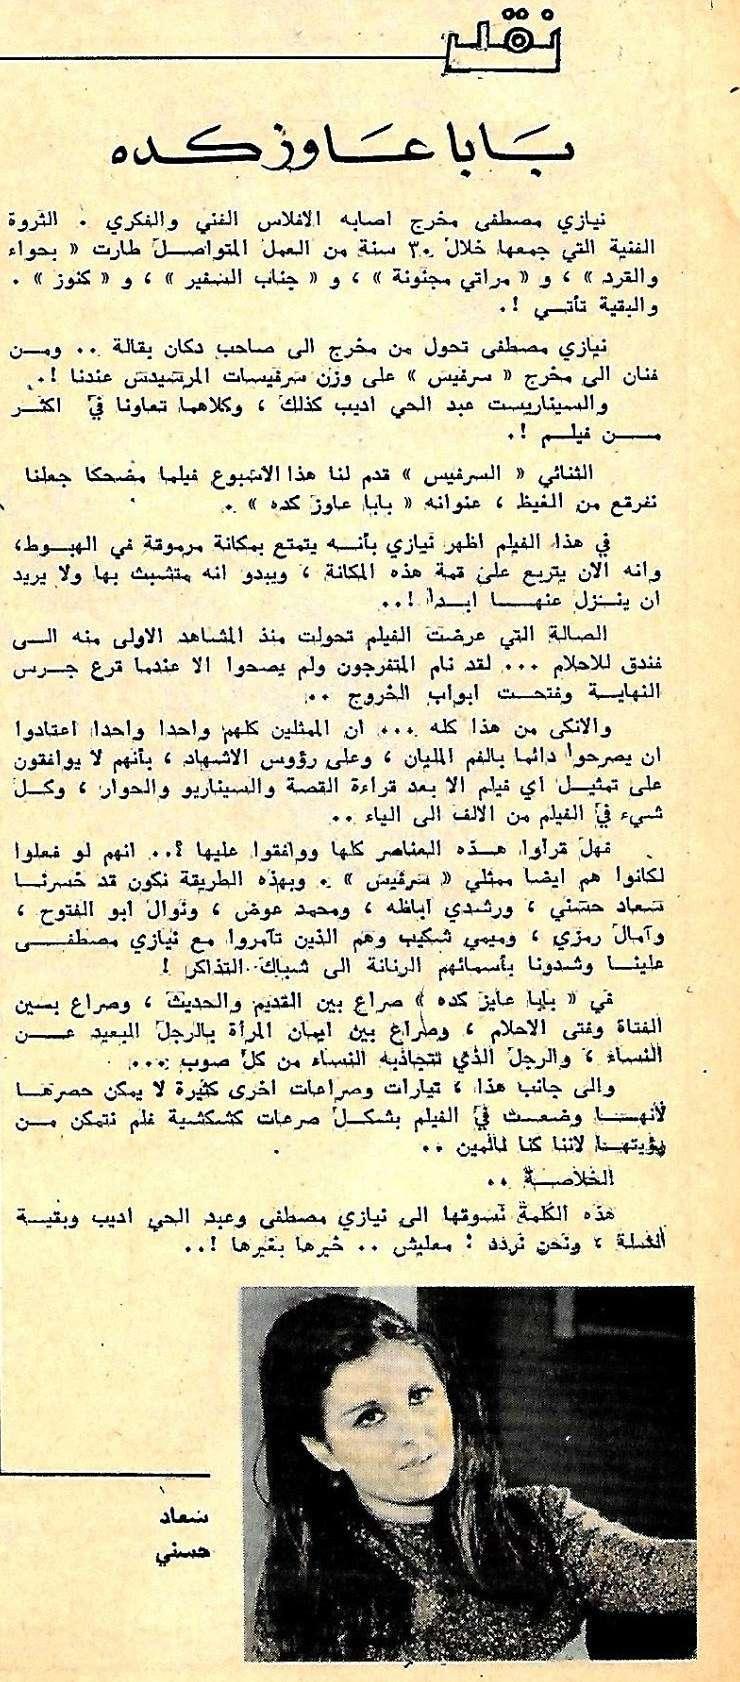 عايز - نقد صحفي : بابا عايز كده 1968 م Oi__a_10